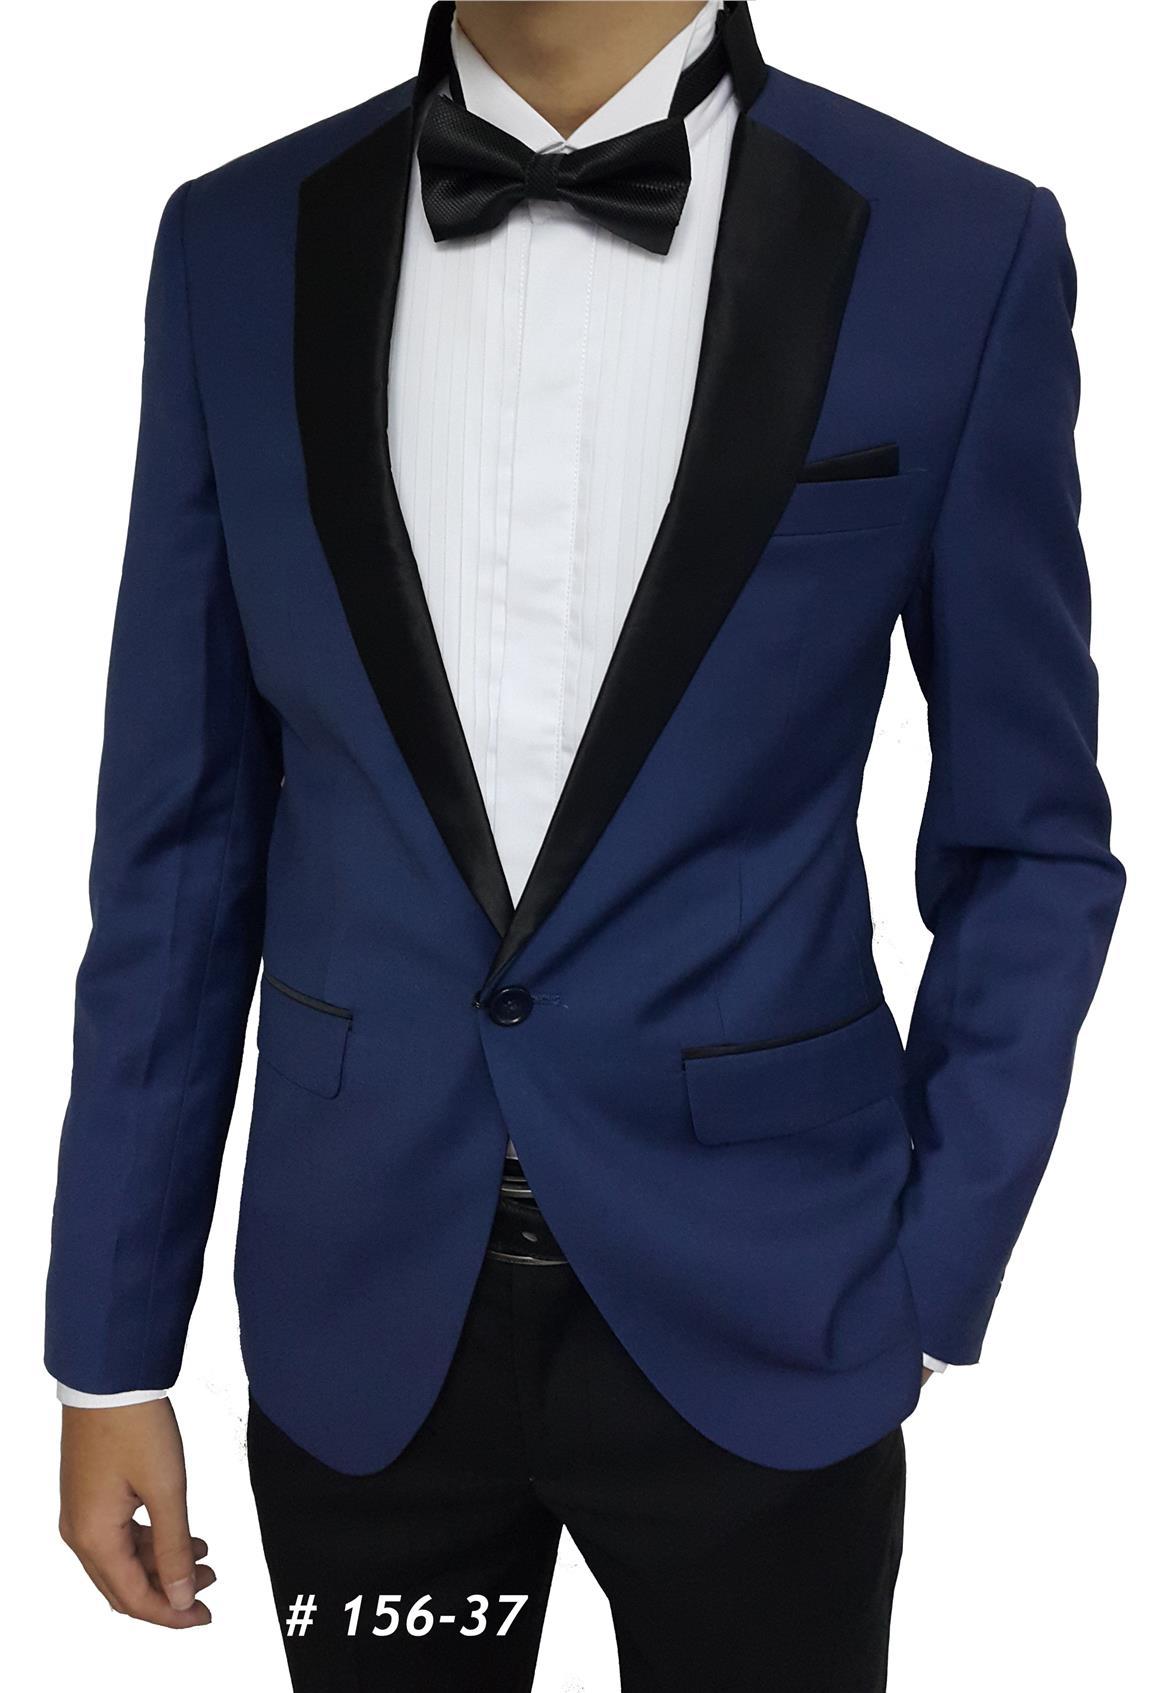 Men S Wedding Coat Groom Tuxedo Suit End 7 8 2016 10 41 Am